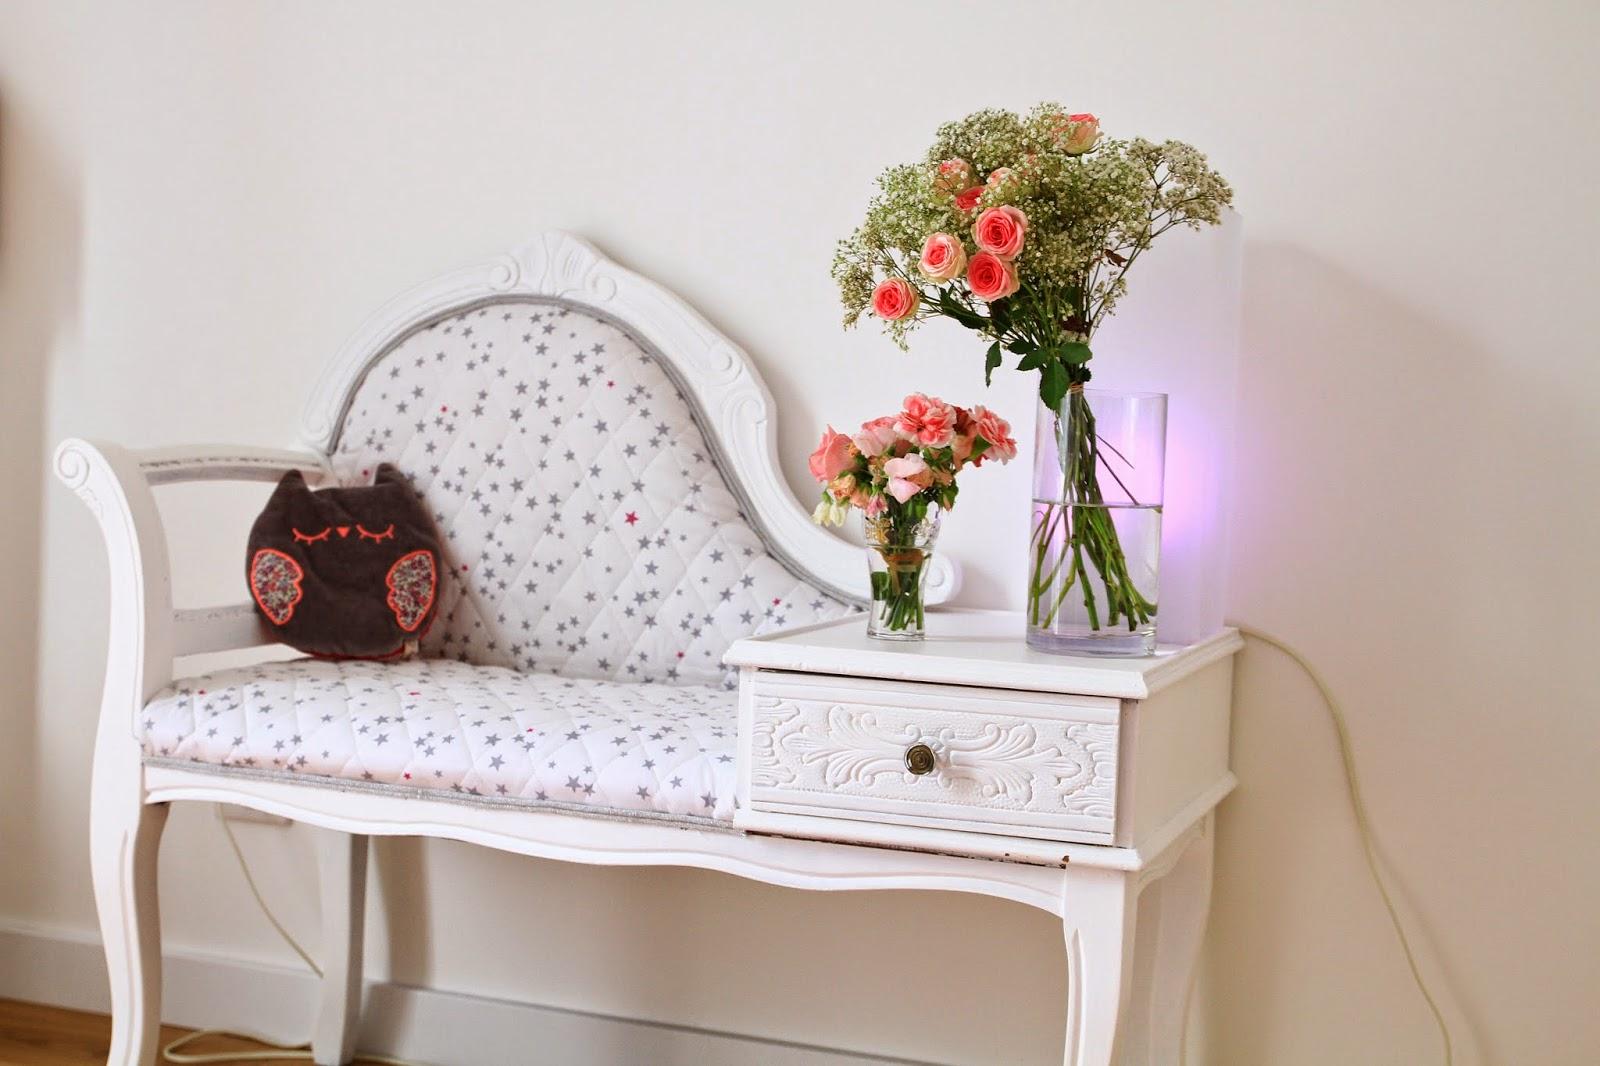 La cachette de margaux: une chambre de princesse !